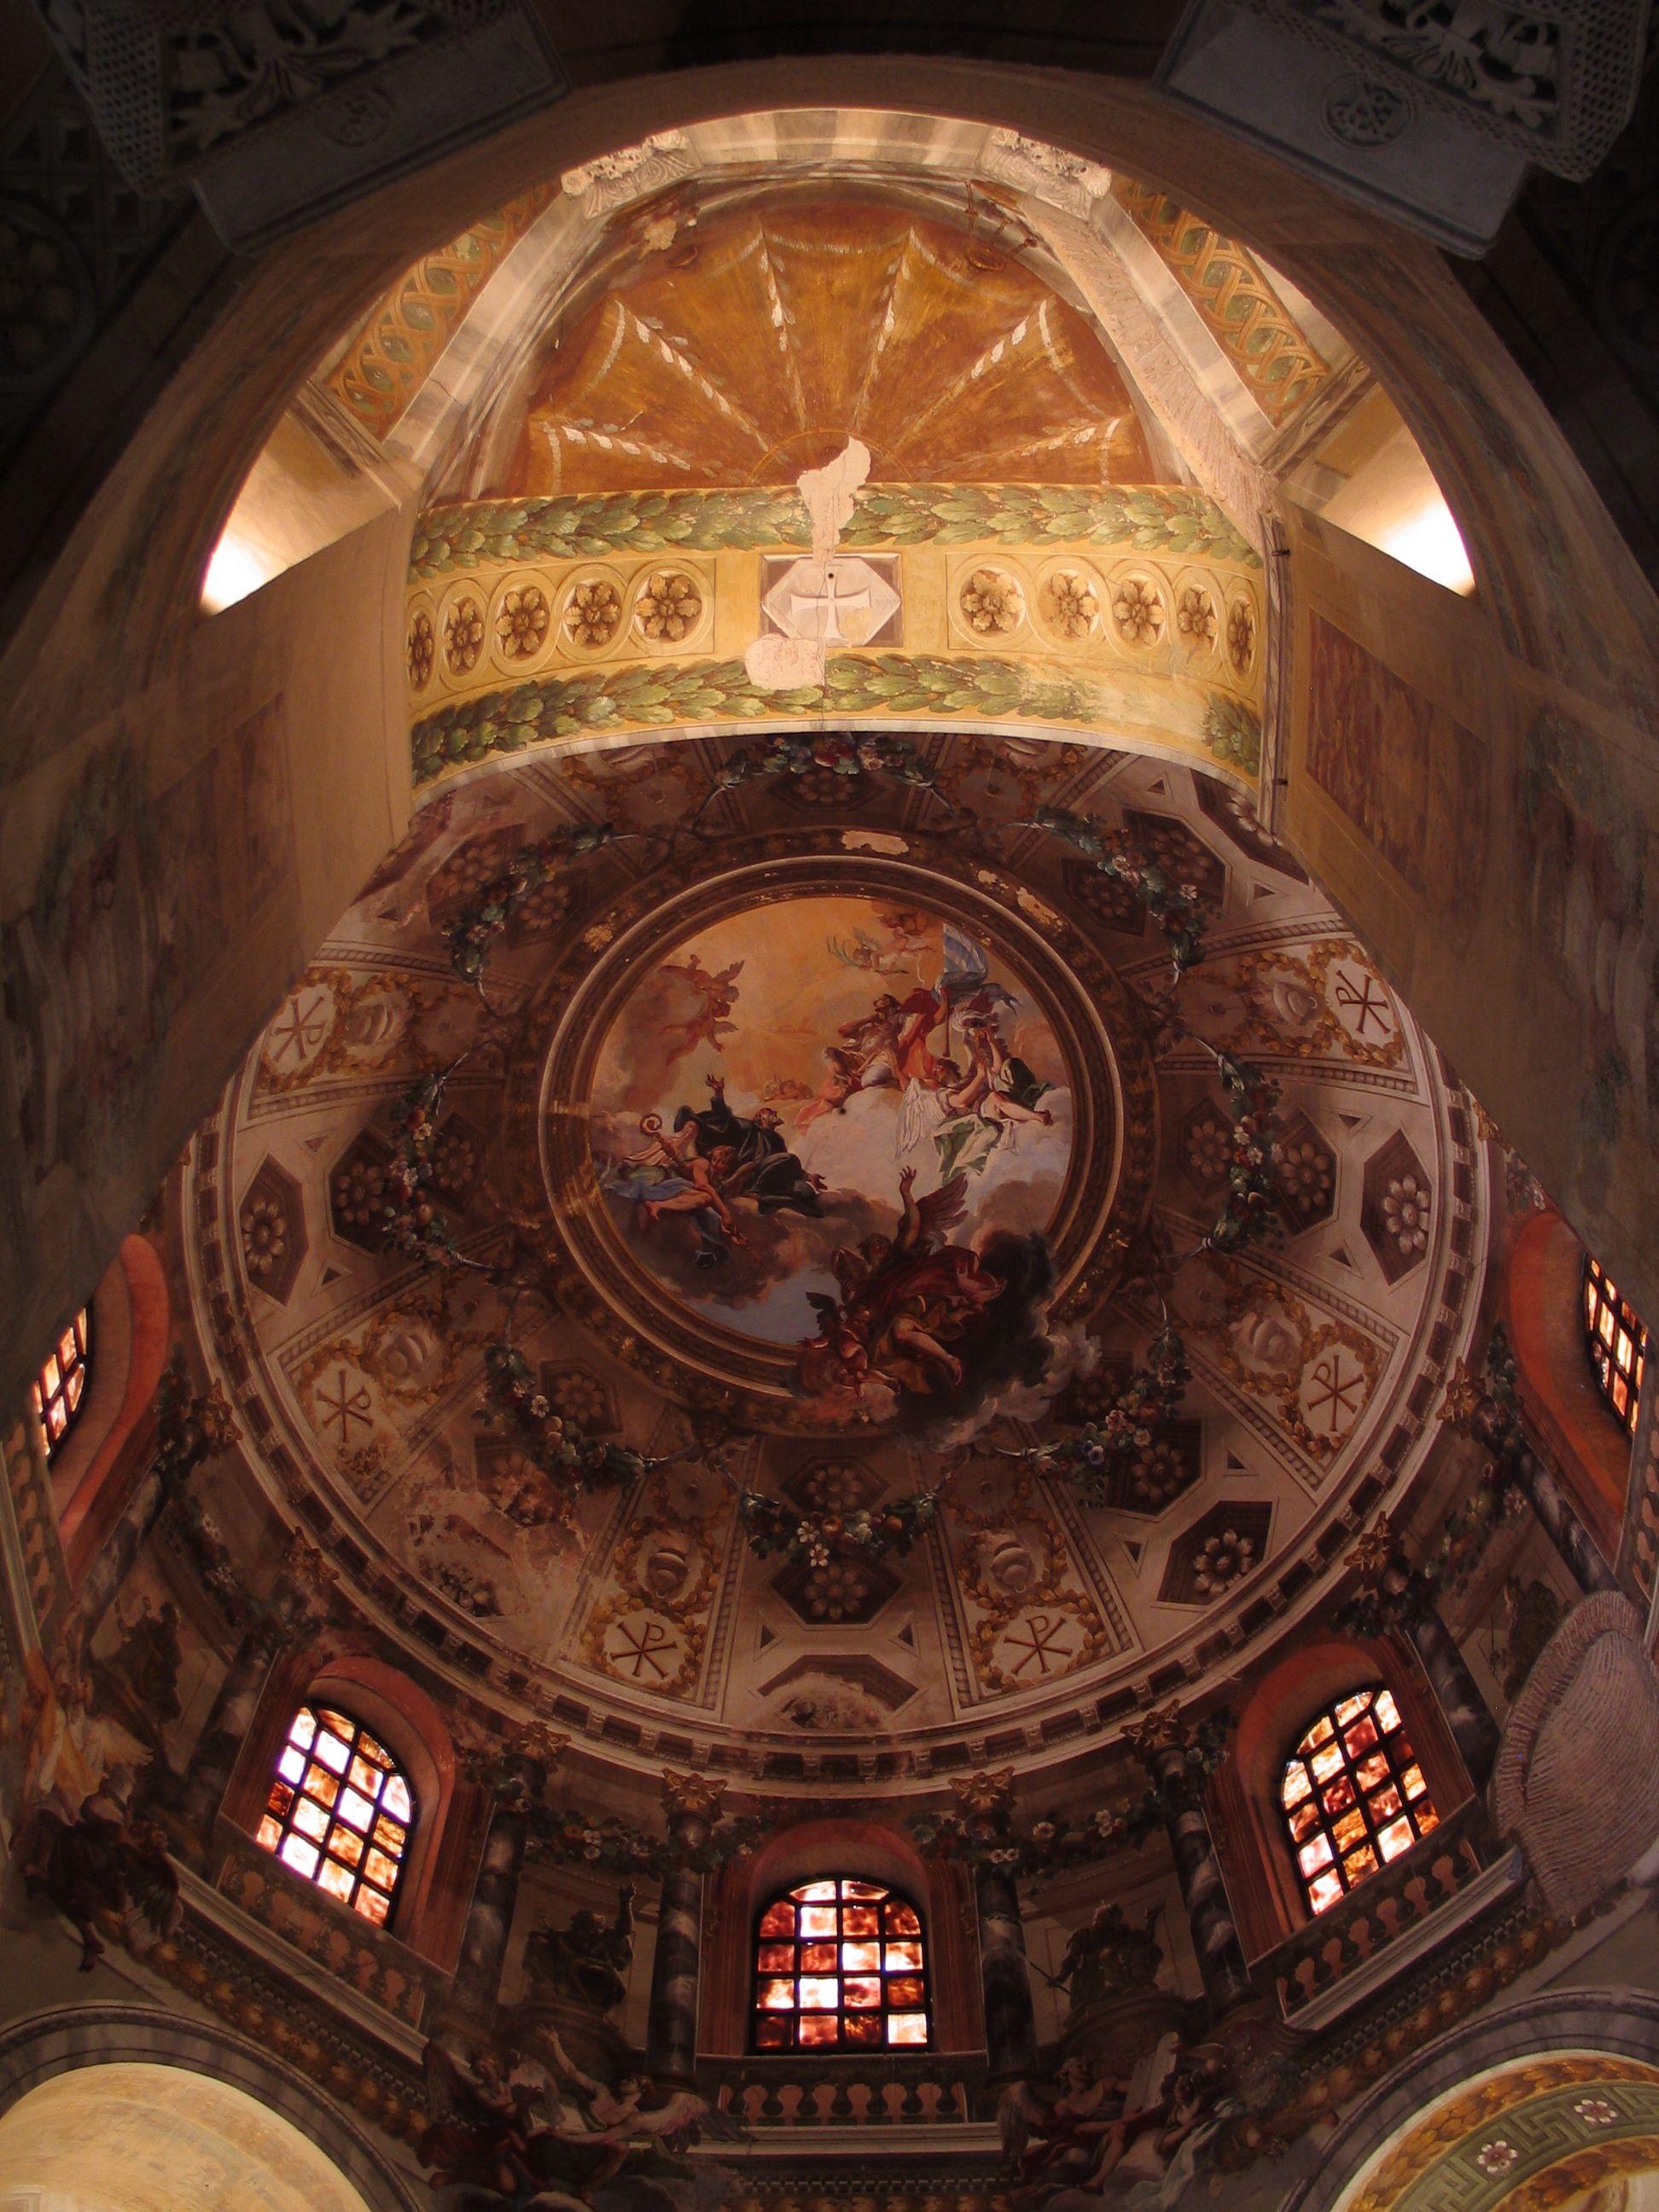 Die Ausgemalte Kuppel Der Zum Unesco Weltkulturerbe Gehorenden San Vitale Aus Dem 6 Jh N Chr In Ravenna Italien Ravenna Byzantine Empire Ravenna Italy